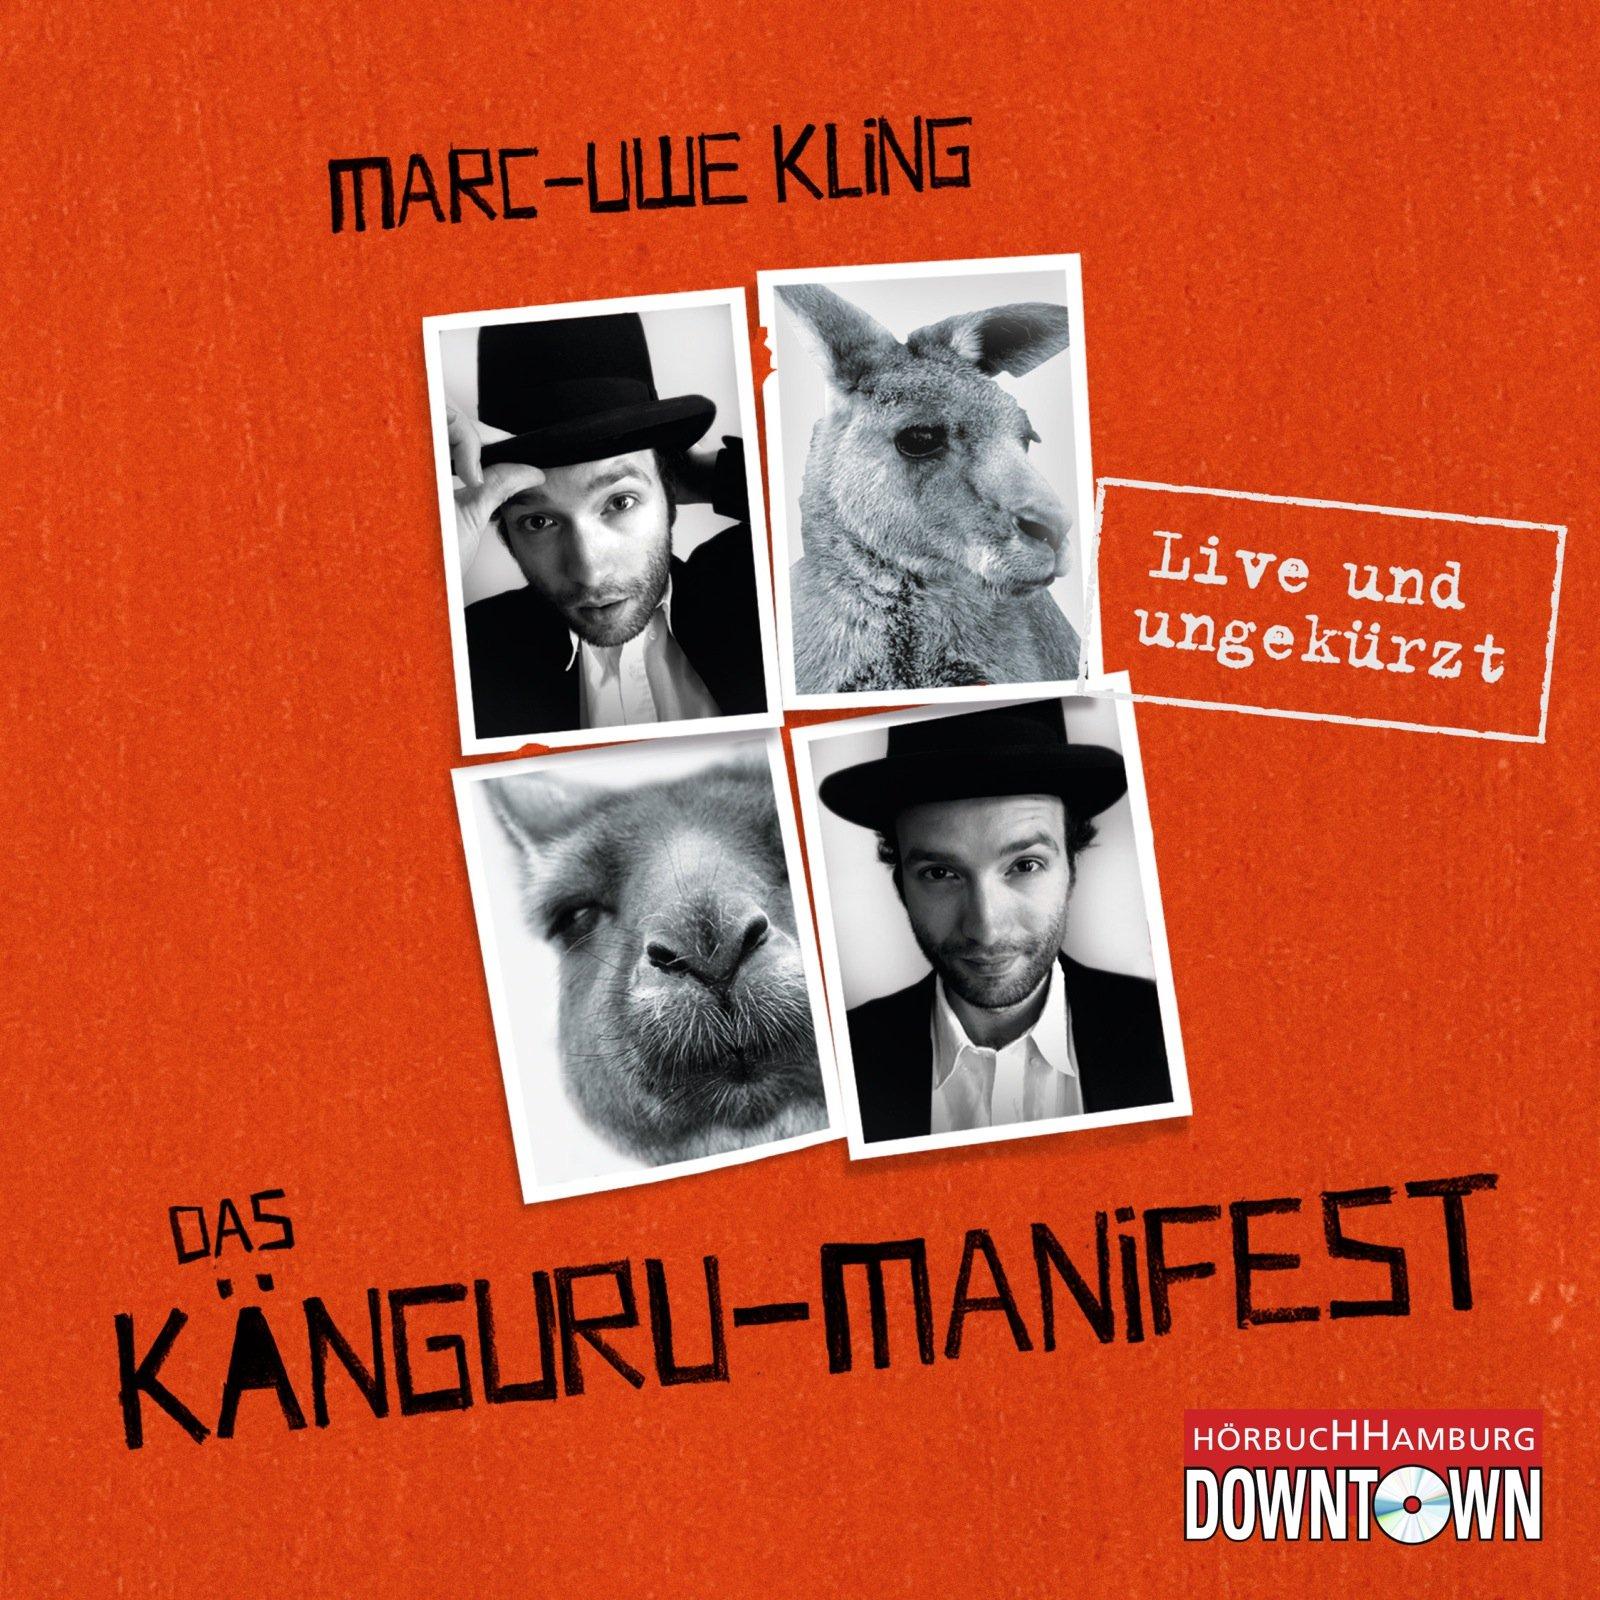 Hörbuch Hamburg Das Känguru-Manifest